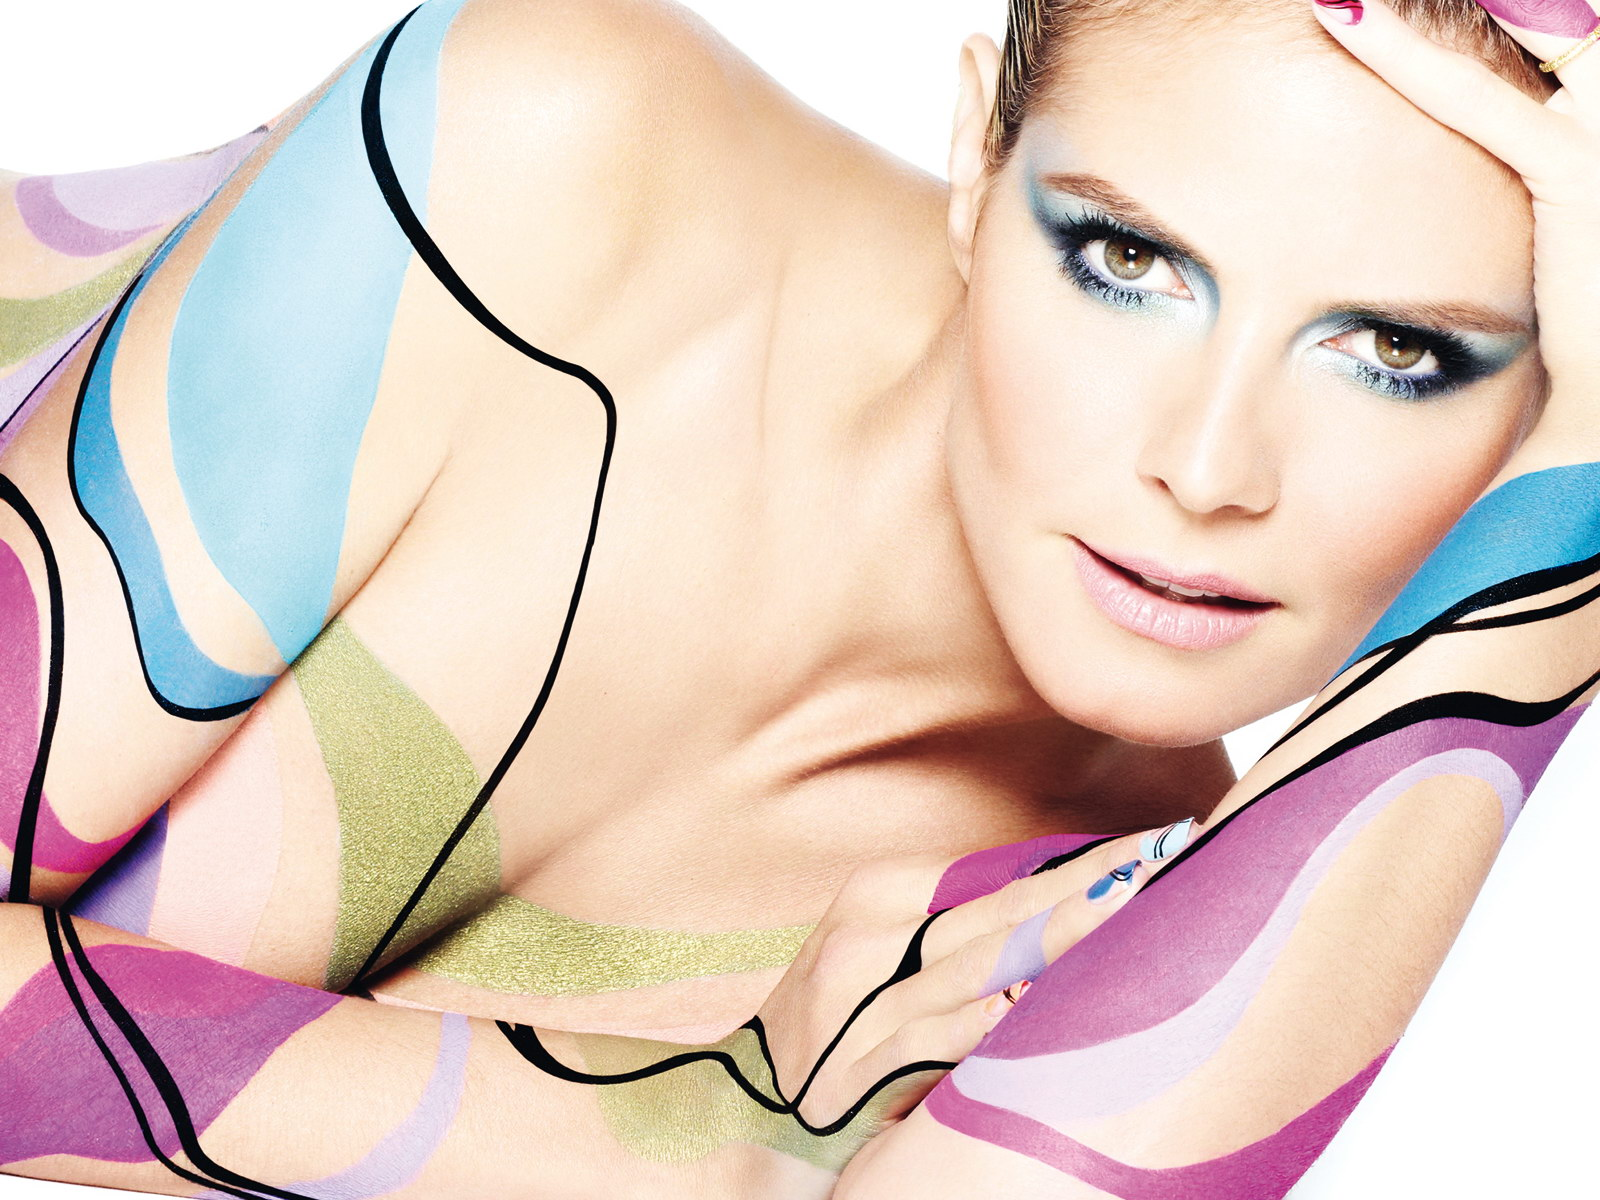 http://2.bp.blogspot.com/-CEicDA-inaU/T5qLH1iX3LI/AAAAAAAAAiw/Jp8_-ioyJYM/s1600/Heidi+Klum+nude+bodypaint+for+Astor+Cosmetics+1.jpg